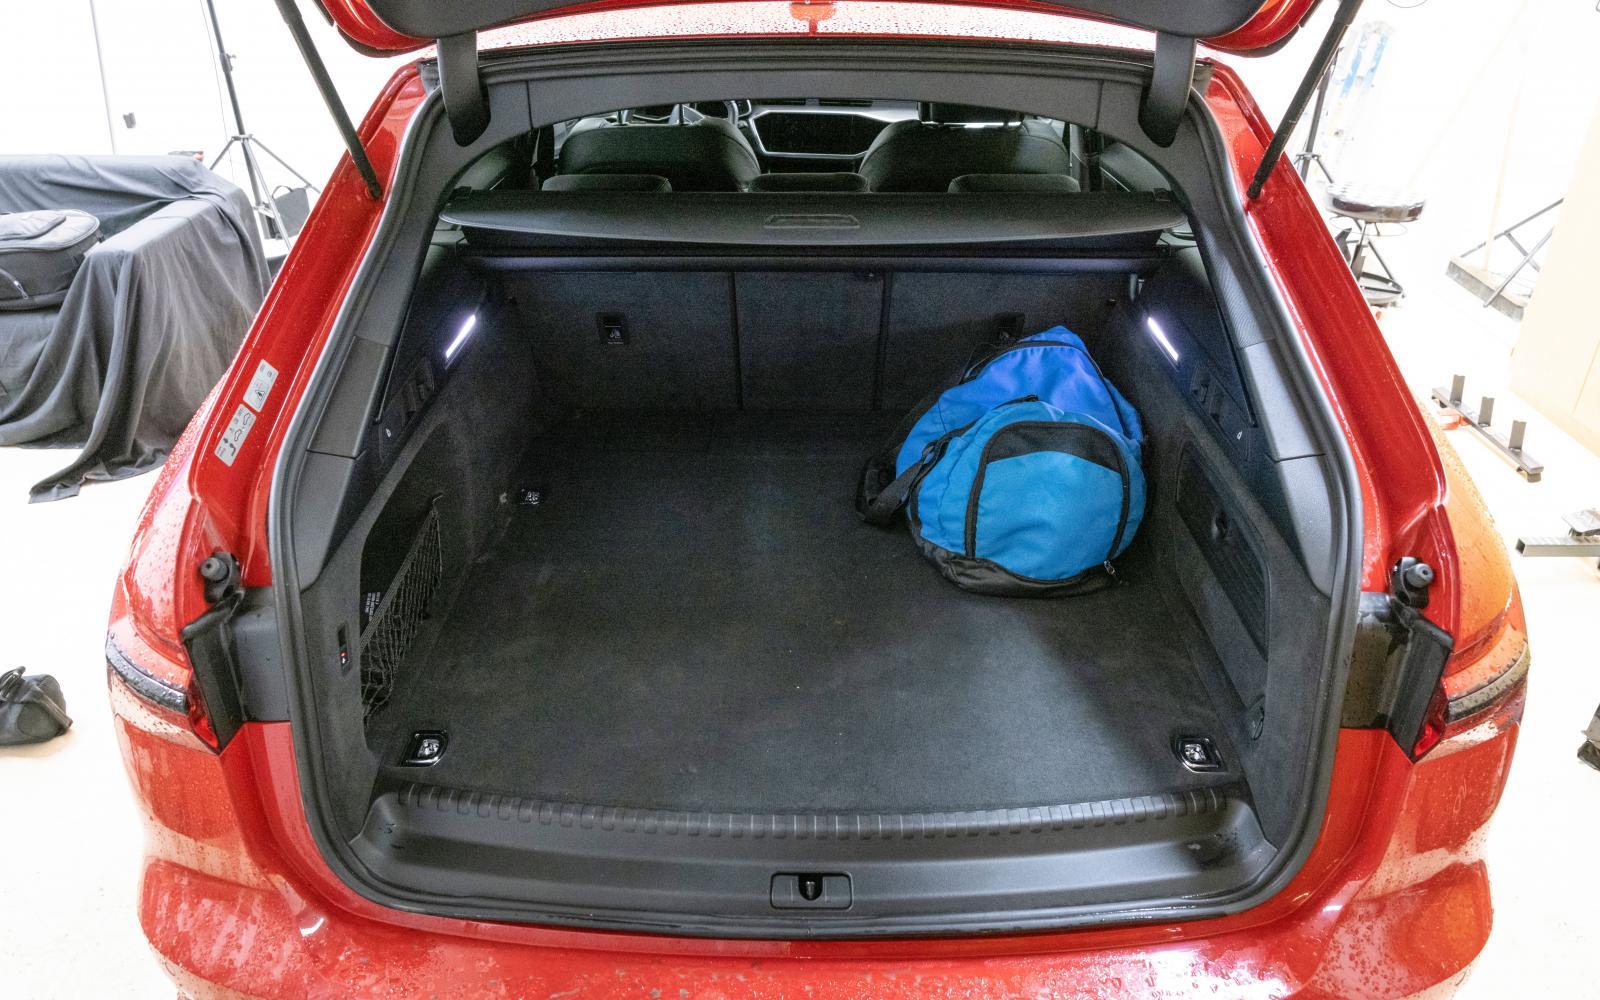 Alla tre har stort bagageutrymme men i Audi ryms minst antal backar (se tabell). Utformningen som helhet och i detaljer är dock mycket bra och rejäl. Notera att lastgolvet bara sticker upp en smula från tröskeln.